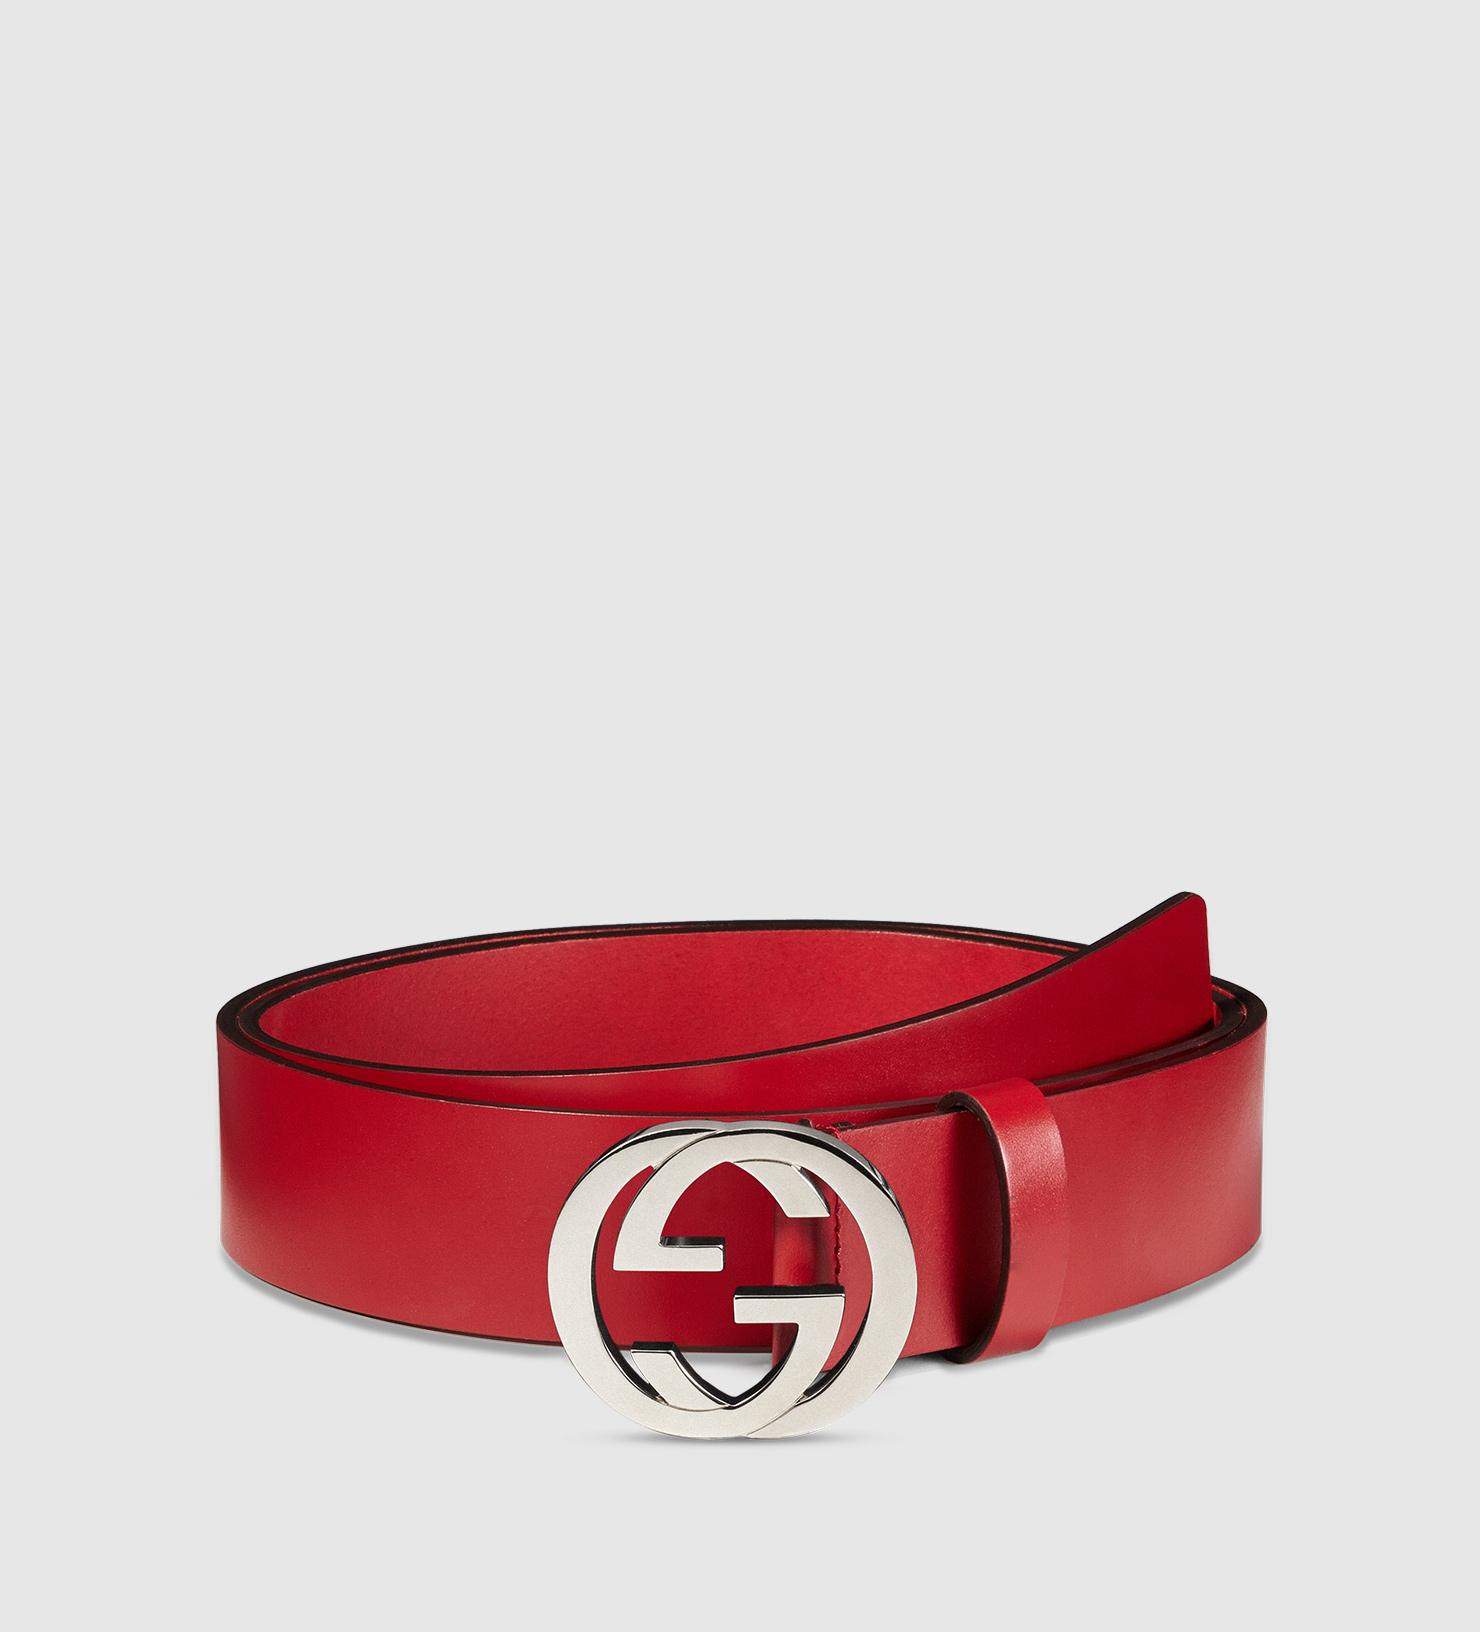 Mens Louis Vuitton Belt | Findi Belt | Red Gucci Belt